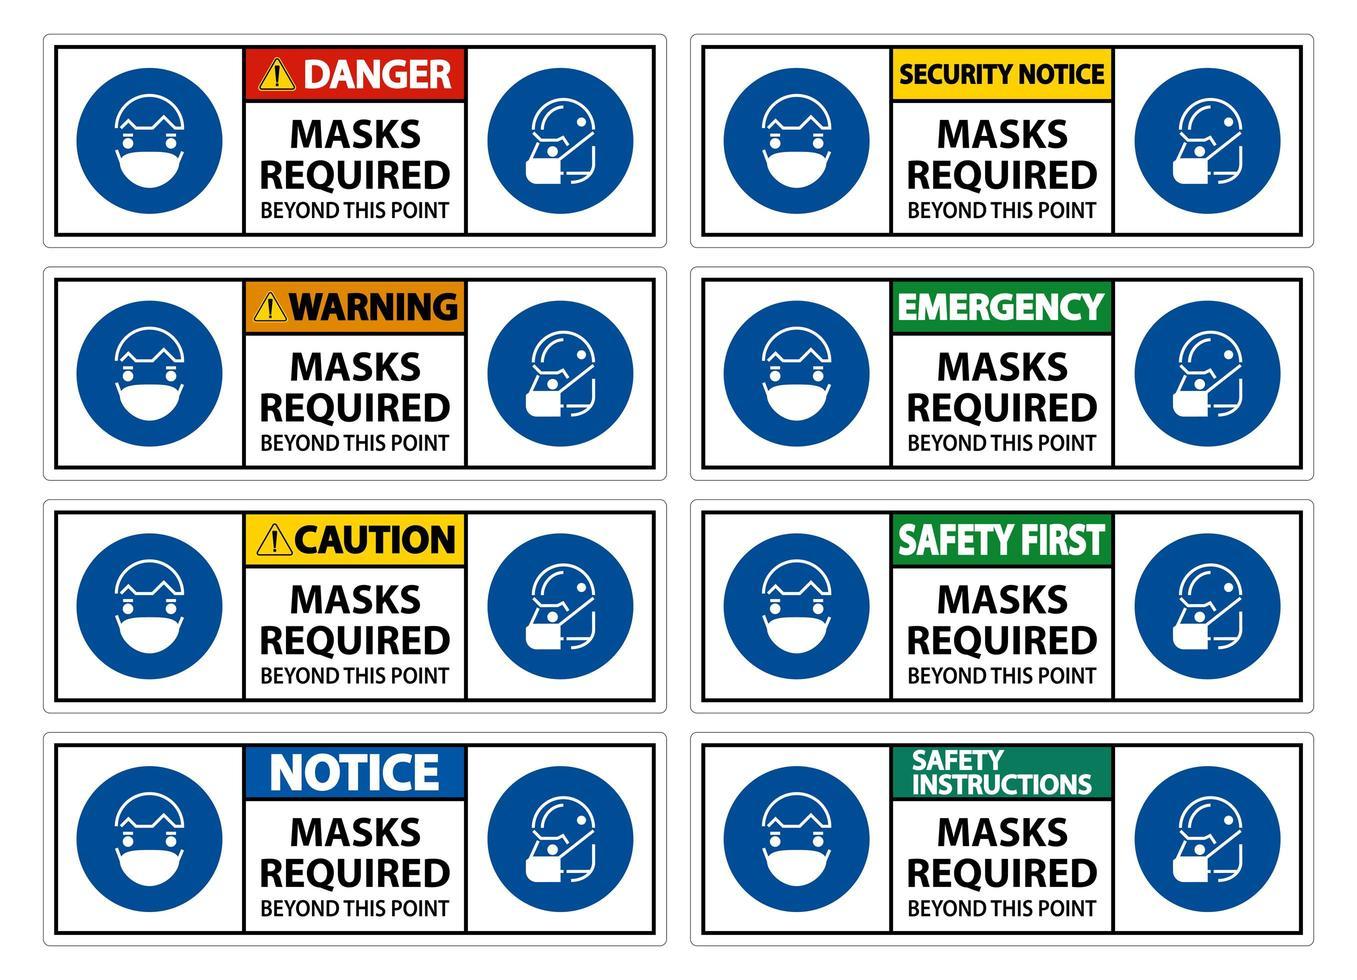 maschera richiesta set di segni vettore